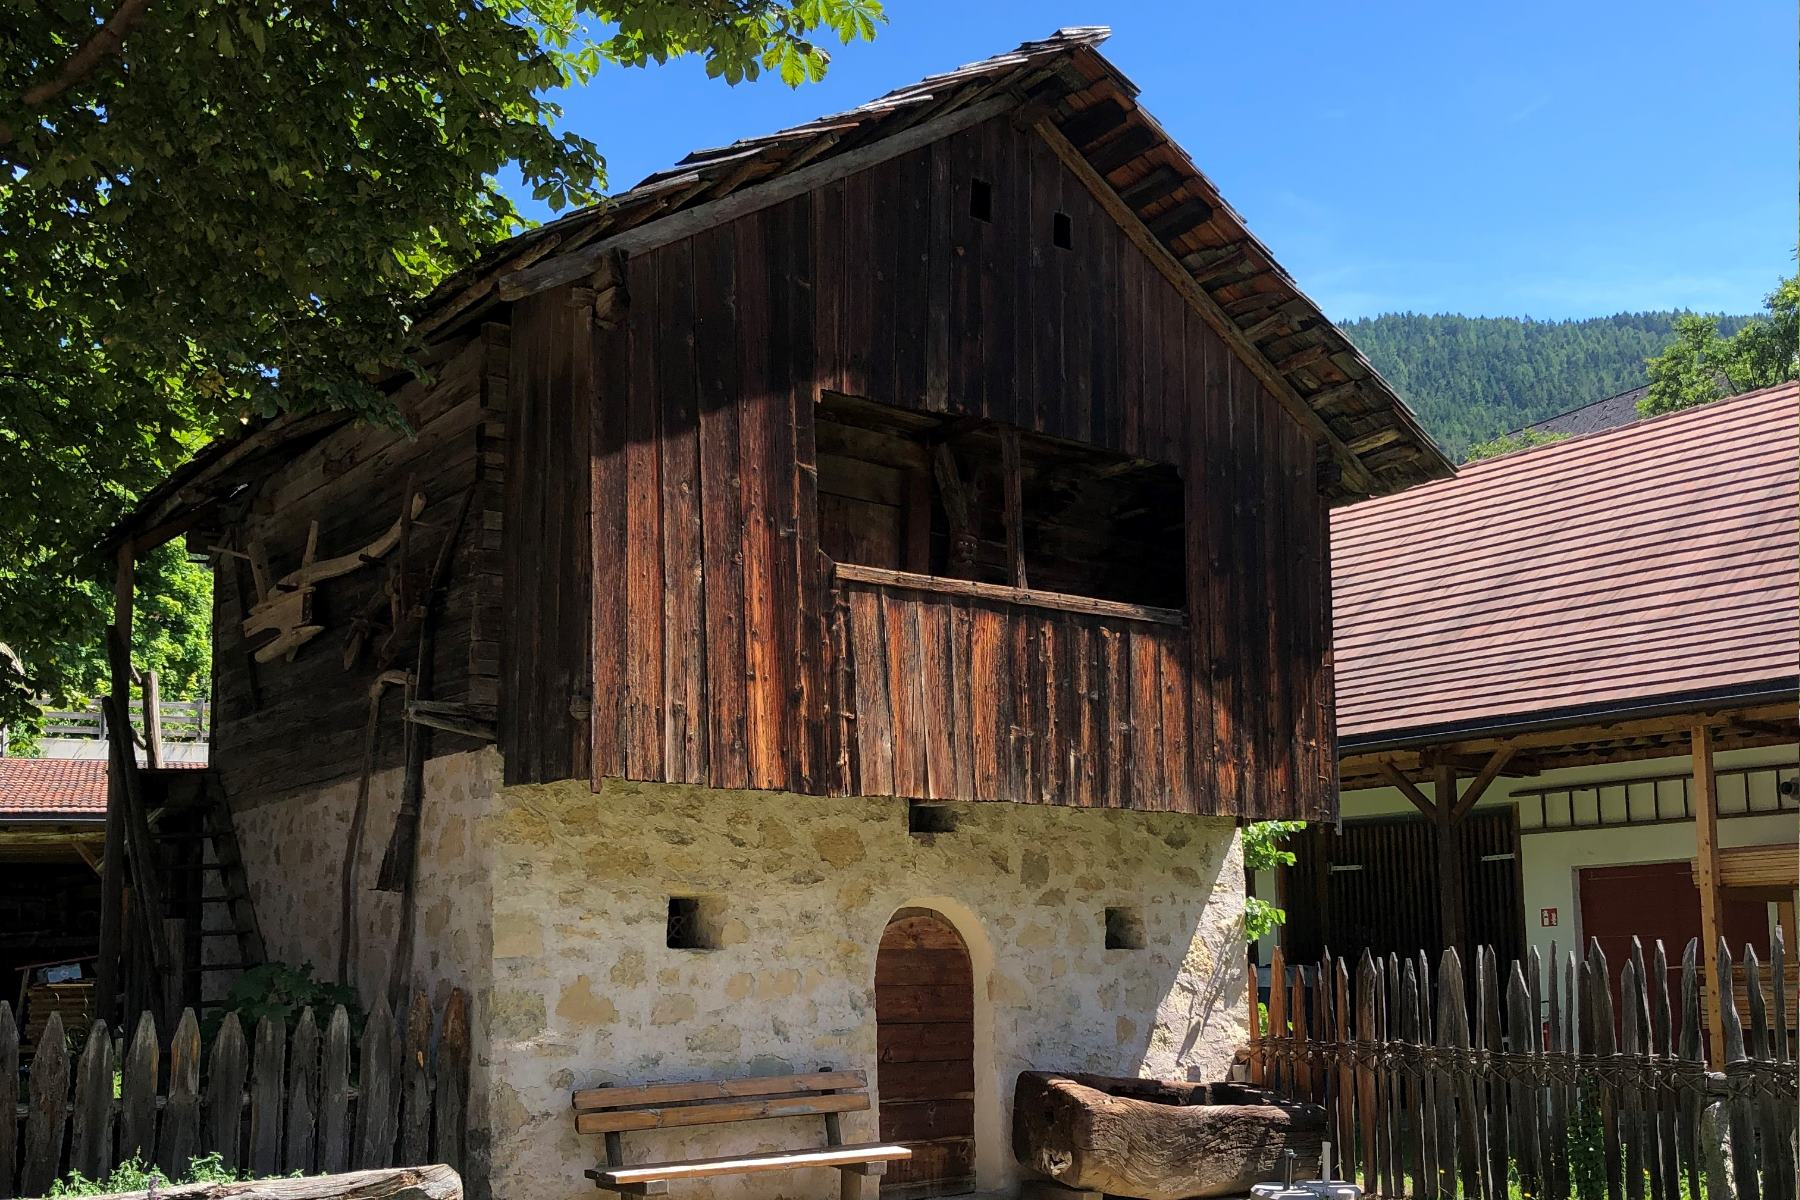 Beschlussantrag | Südtiroler Kleindenkmäler: Wiedereinführung der Landschaftspflegeförderung